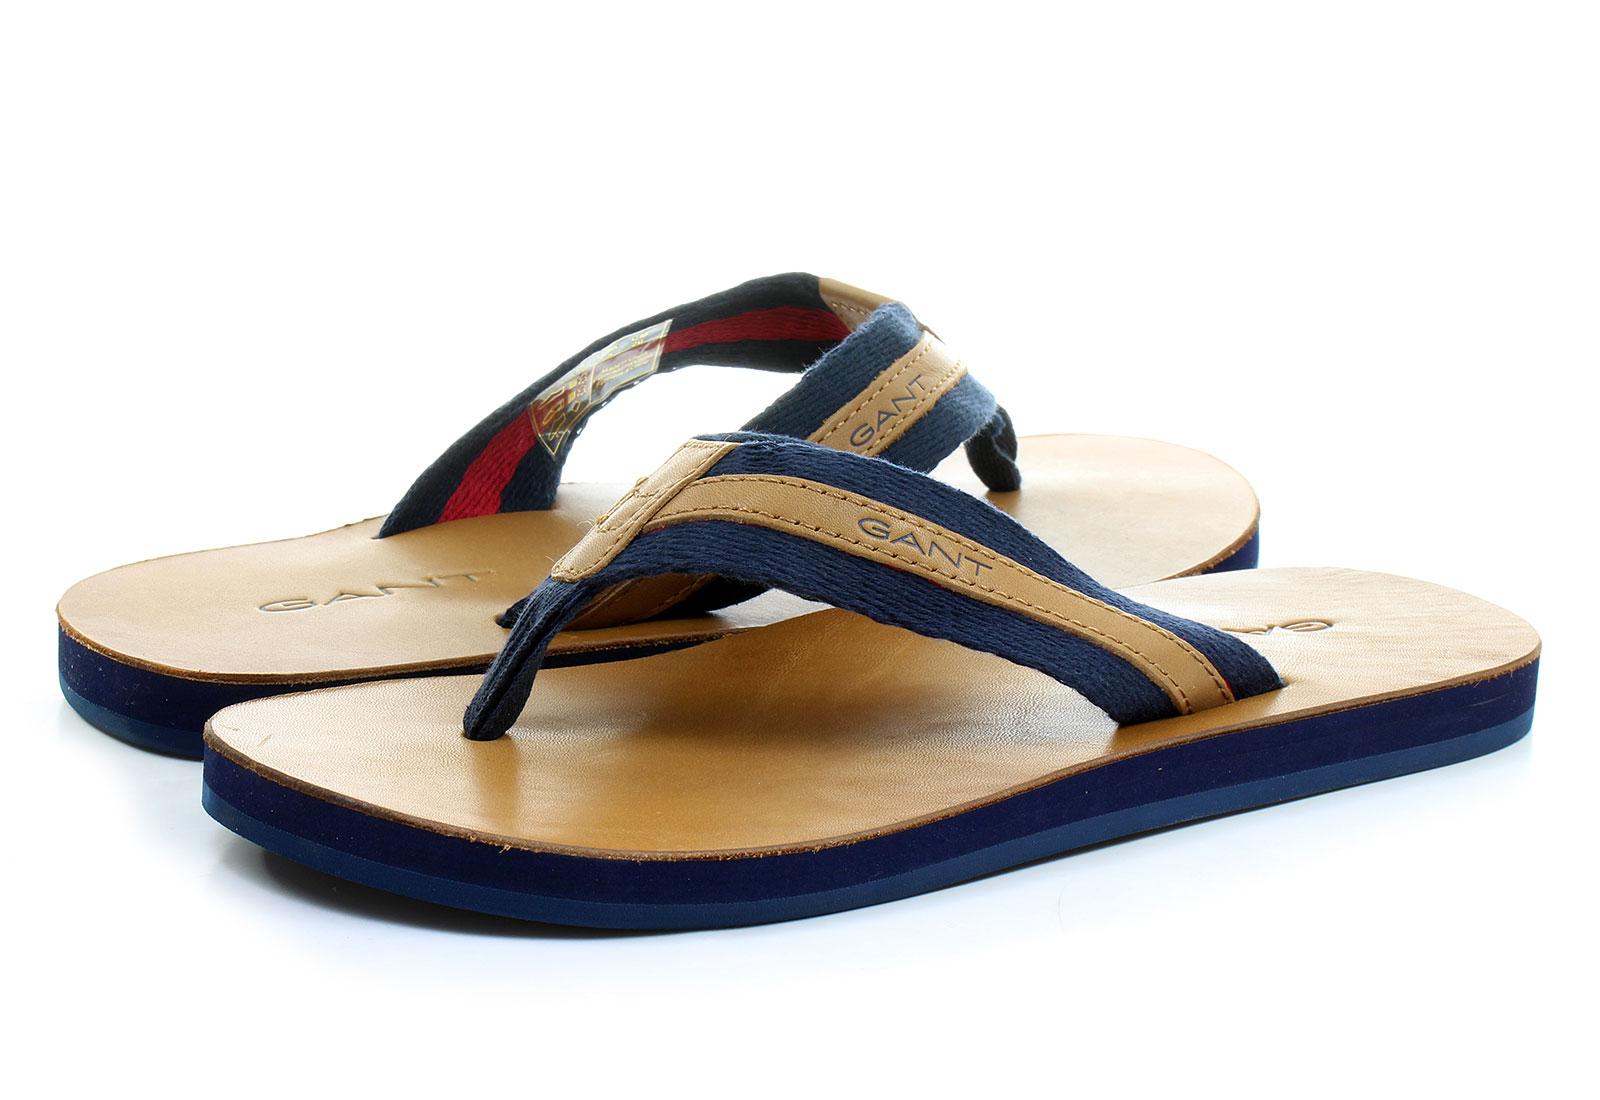 Gant Papucs - Breeze Iii - 12698099-G47 - Office Shoes Magyarország 0cd0670f8c